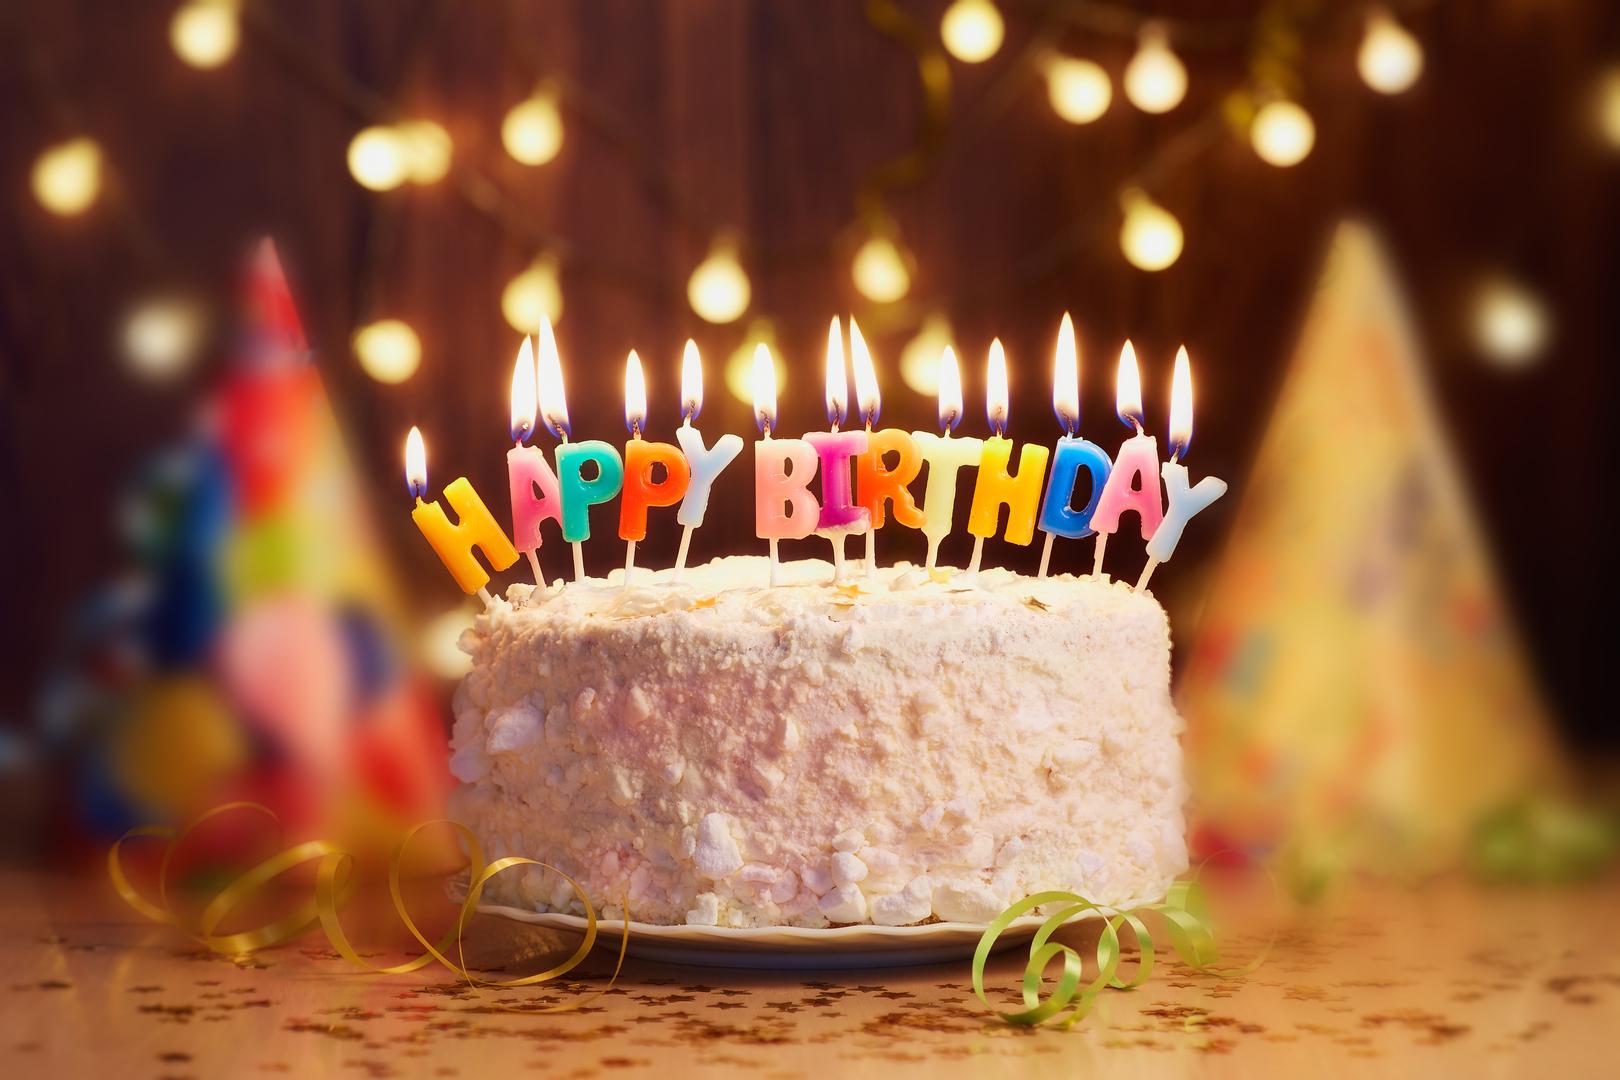 Картинки прикольные, открытки с днем рождения торт свечи